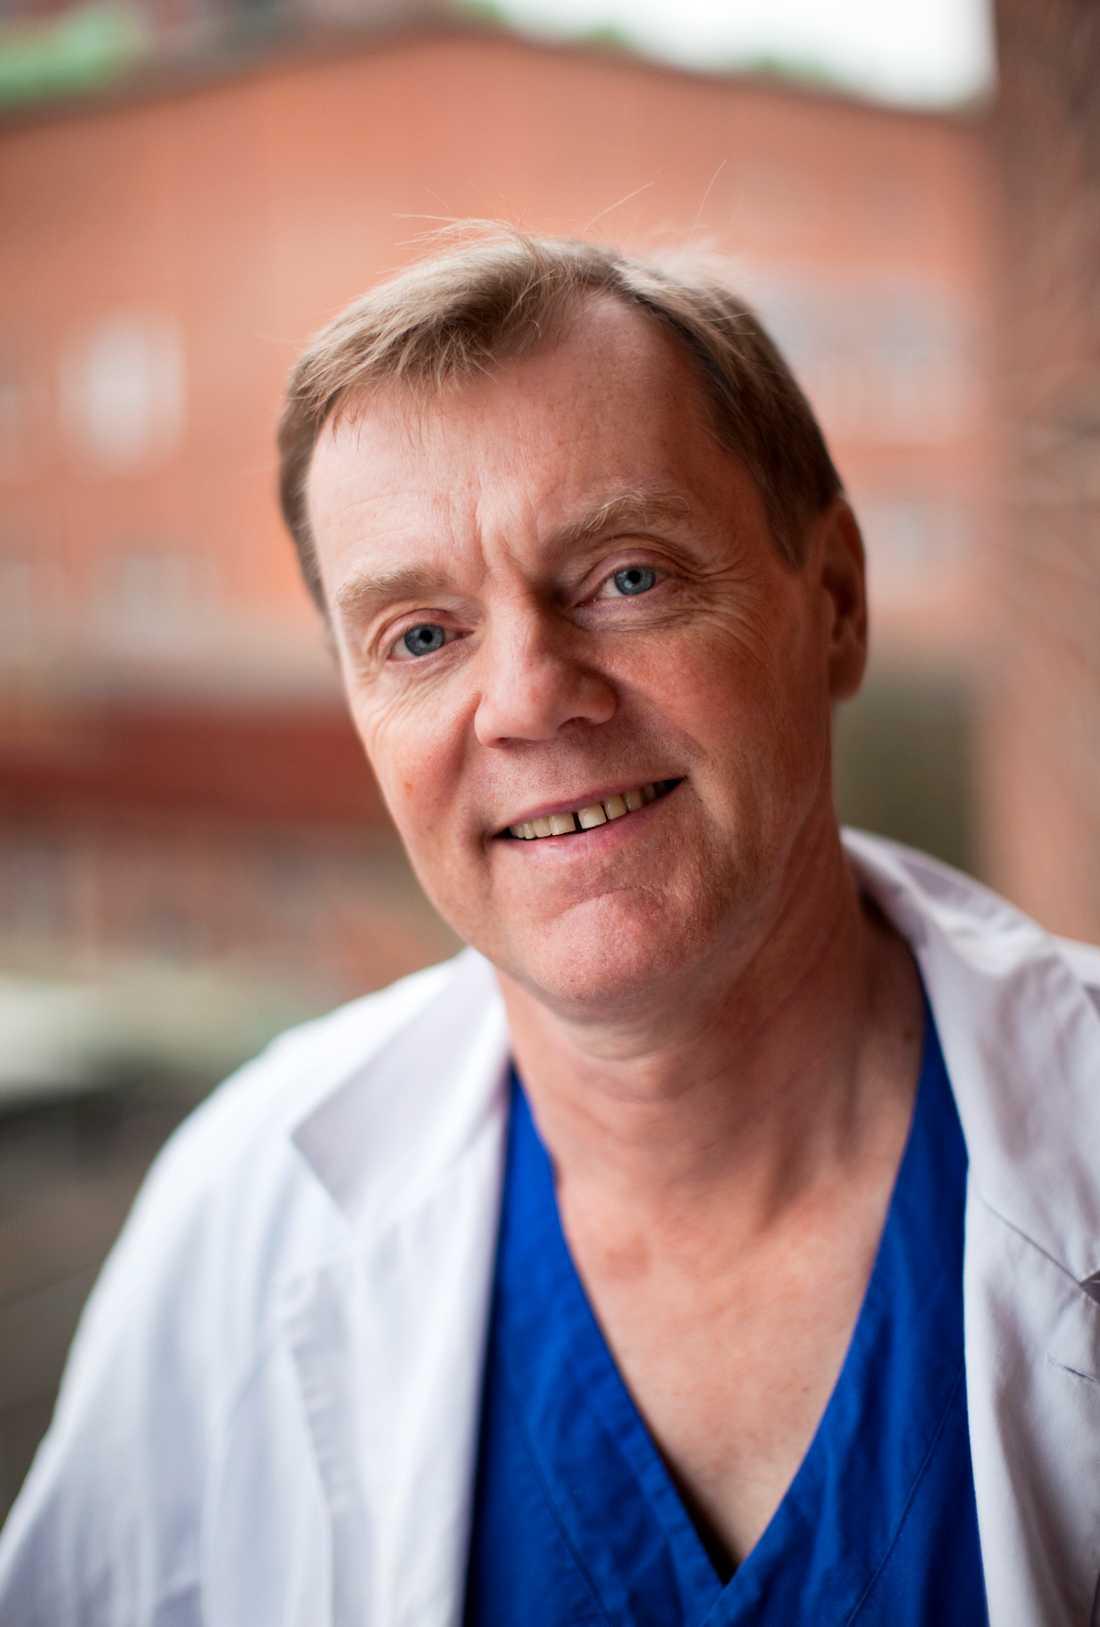 Jonas Hugosson, professor i urologi vid Sahlgrenska akademin samt överläkare vid Sahlgrenska universitetssjukhuset.